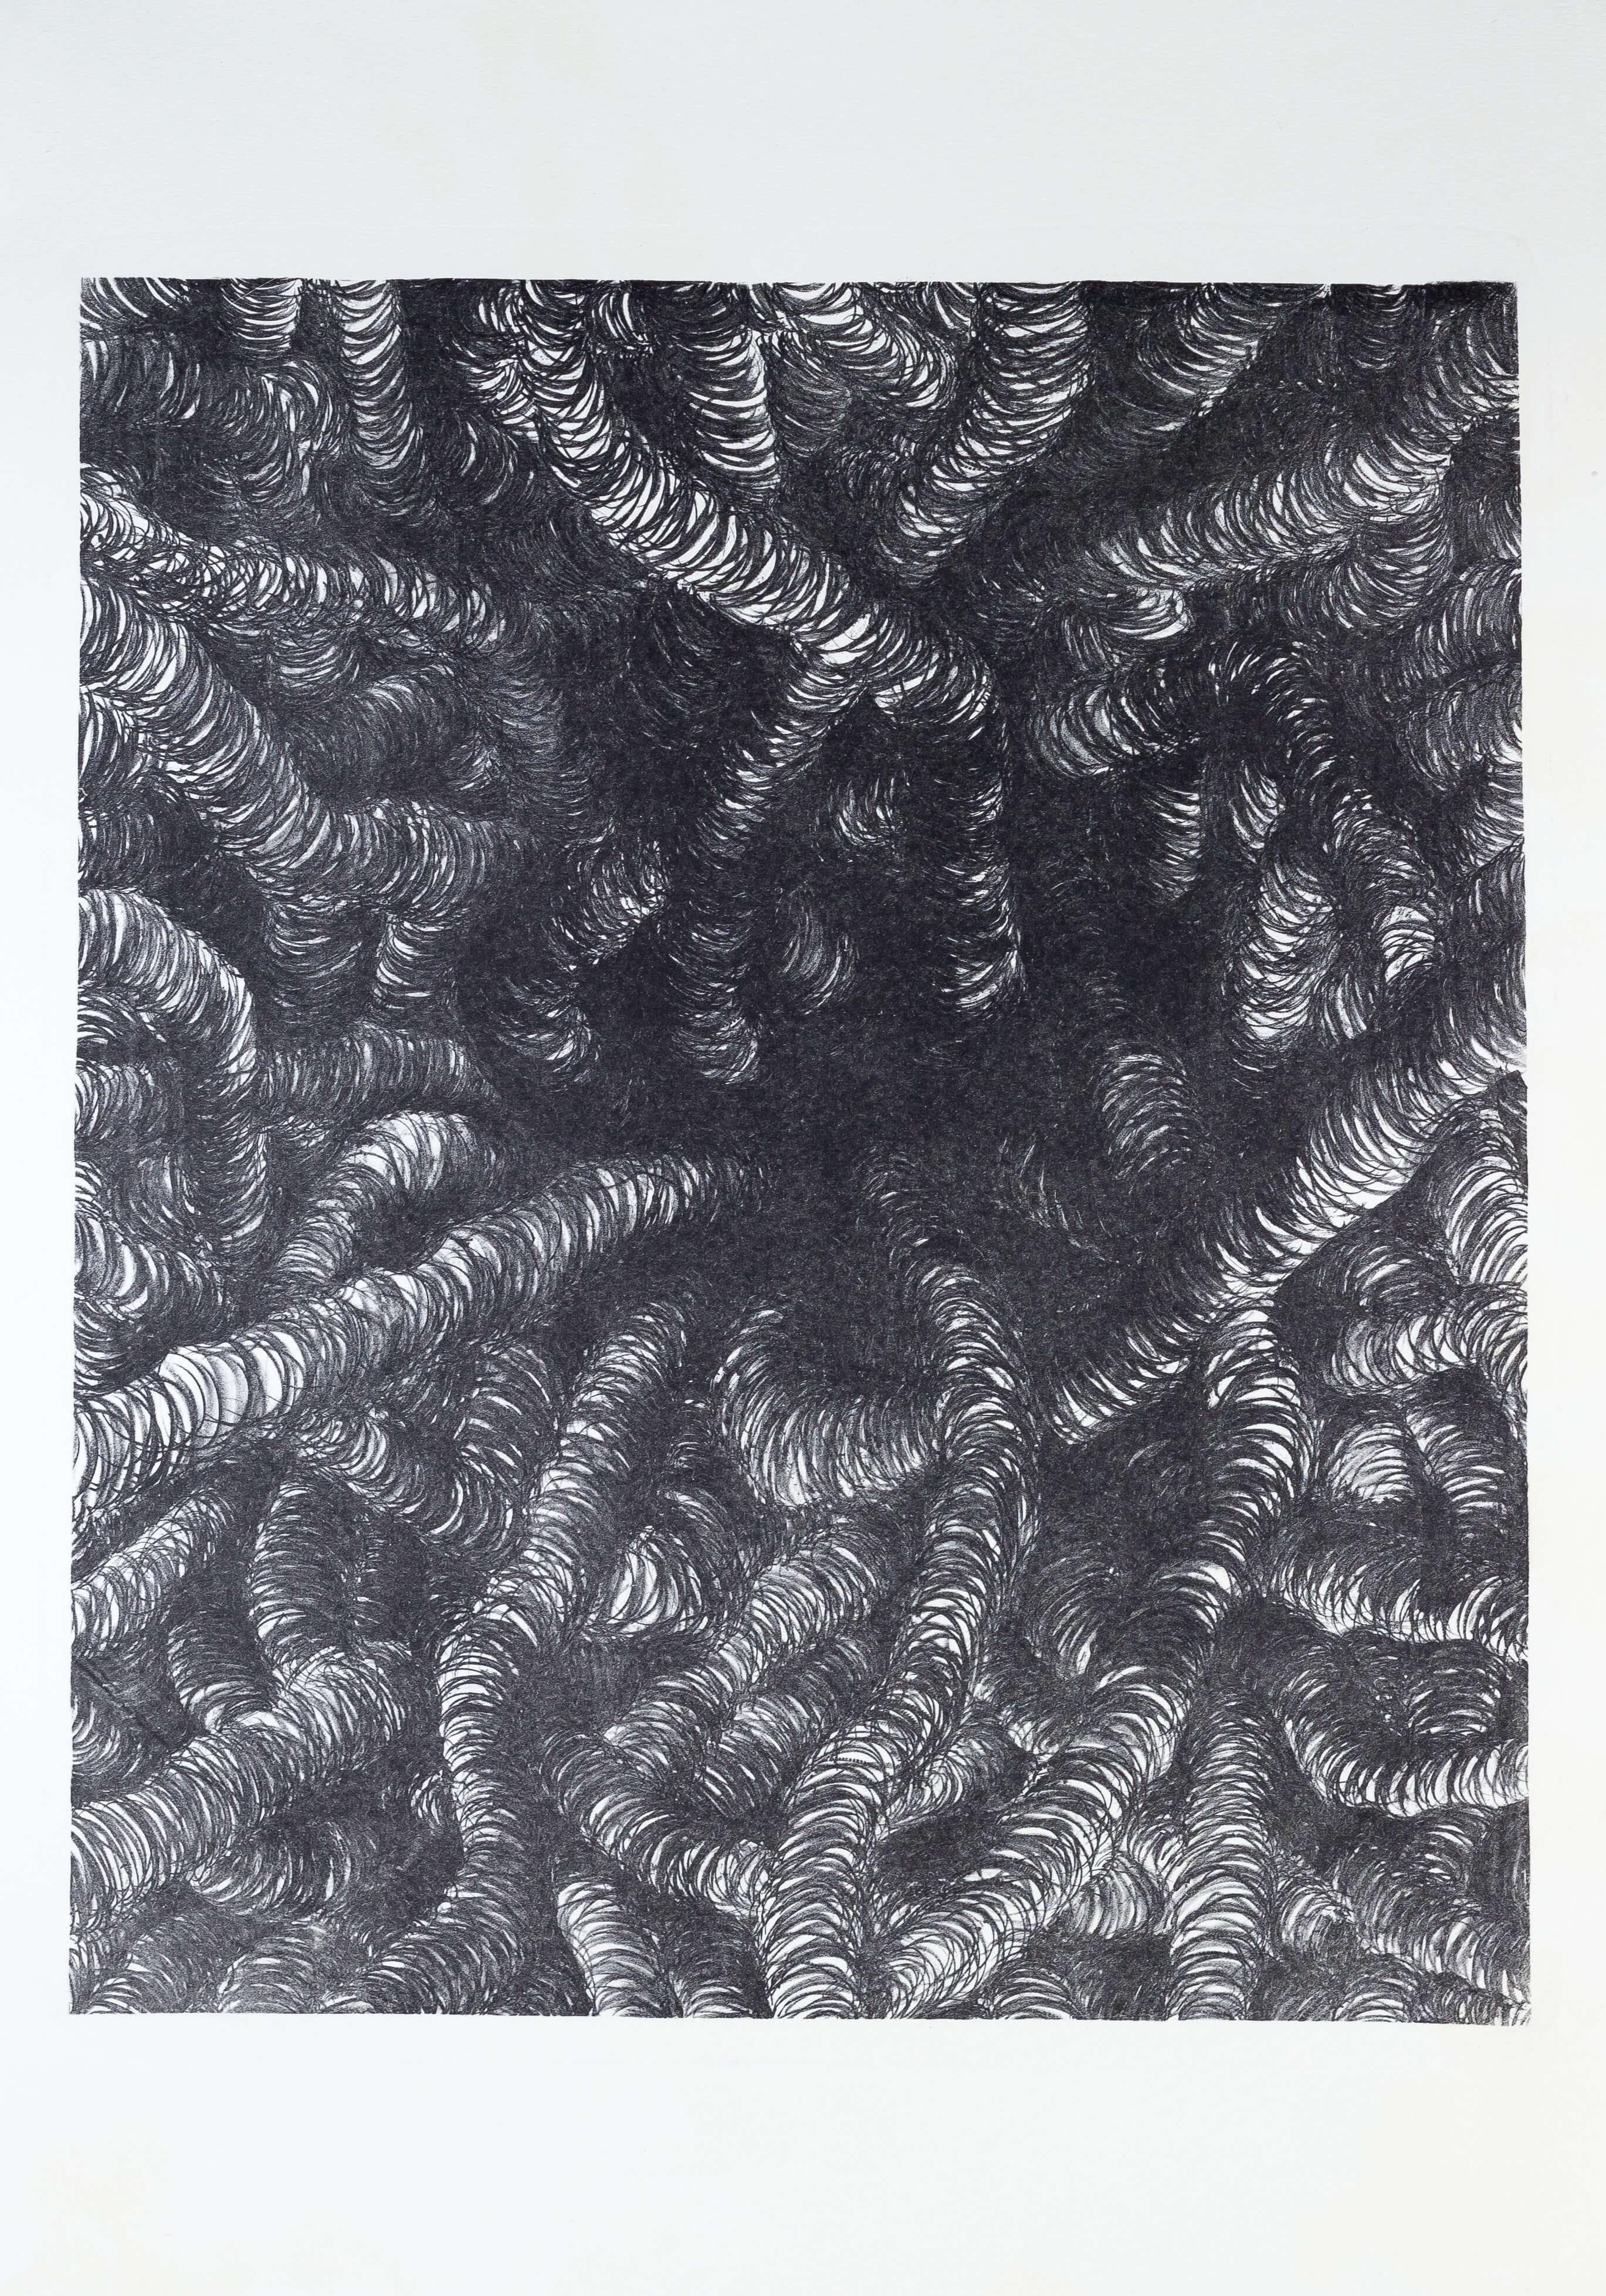 Katharina Albers, Transformation X, 2011, Lithographie, 5 Auflagen, 59,5x48,5cm